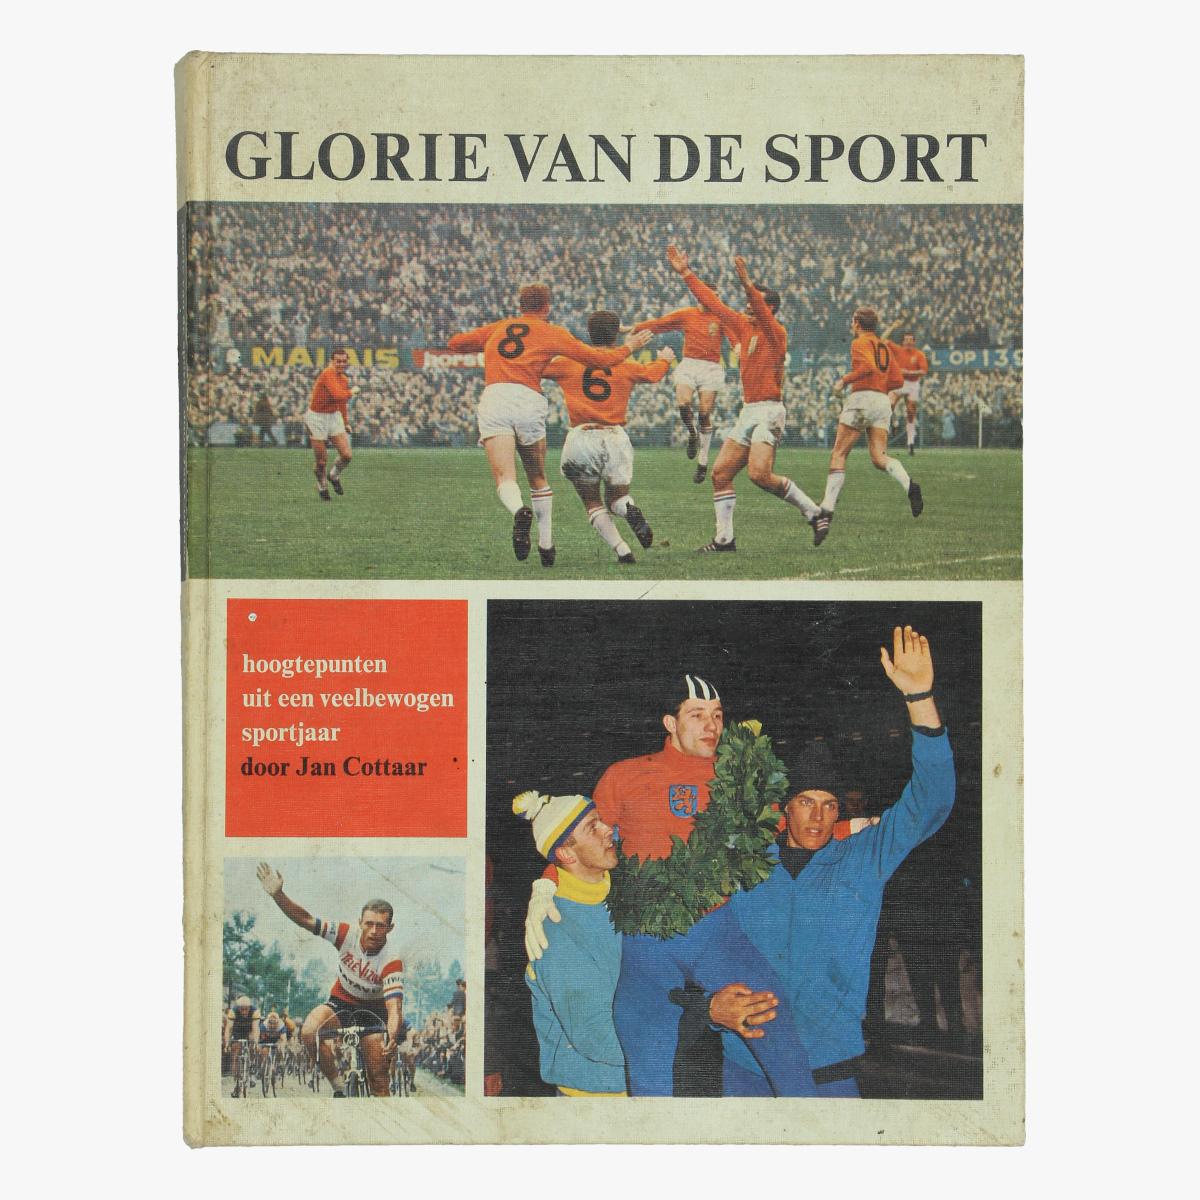 Afbeeldingen van boek glorie van de sport door jan cottaar 1966 voetbal wielrennen schaatsen judo tennis motorcross enzo ...